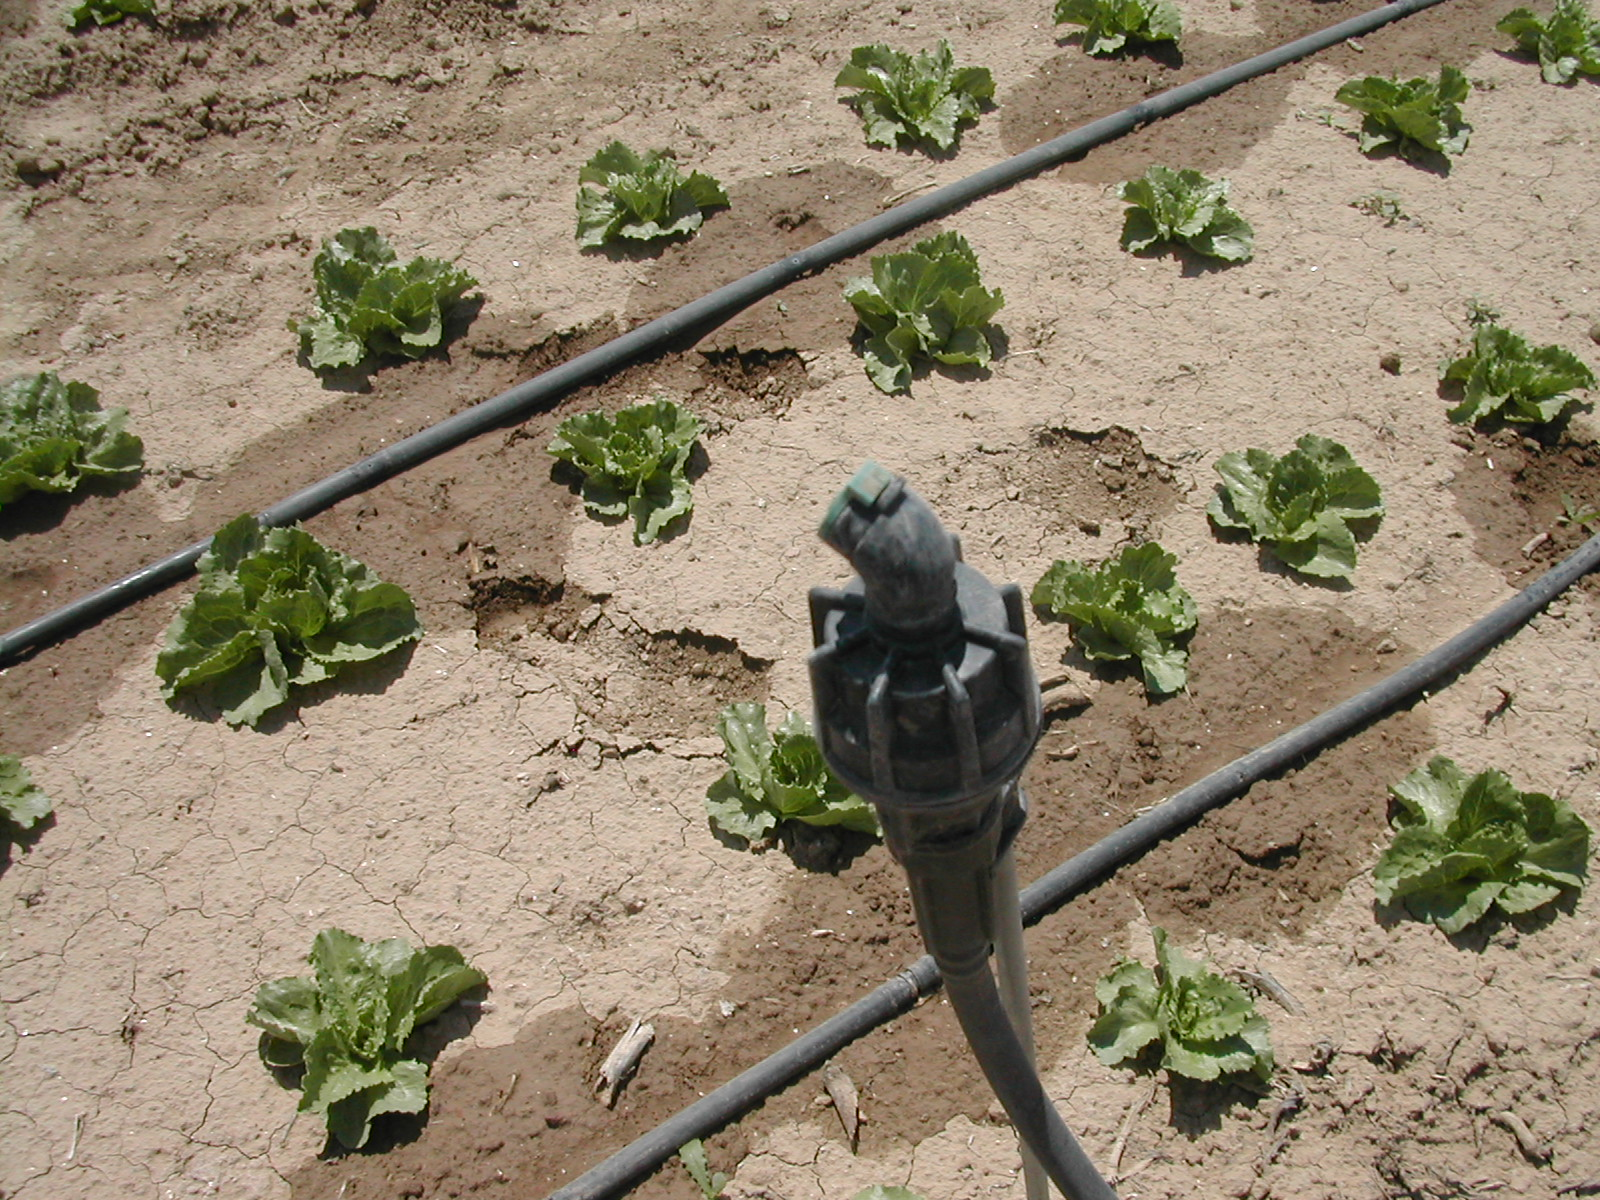 Irrigazione a goccia microirrigazione e fertirrigazione for Gocciolatori per irrigazione a goccia